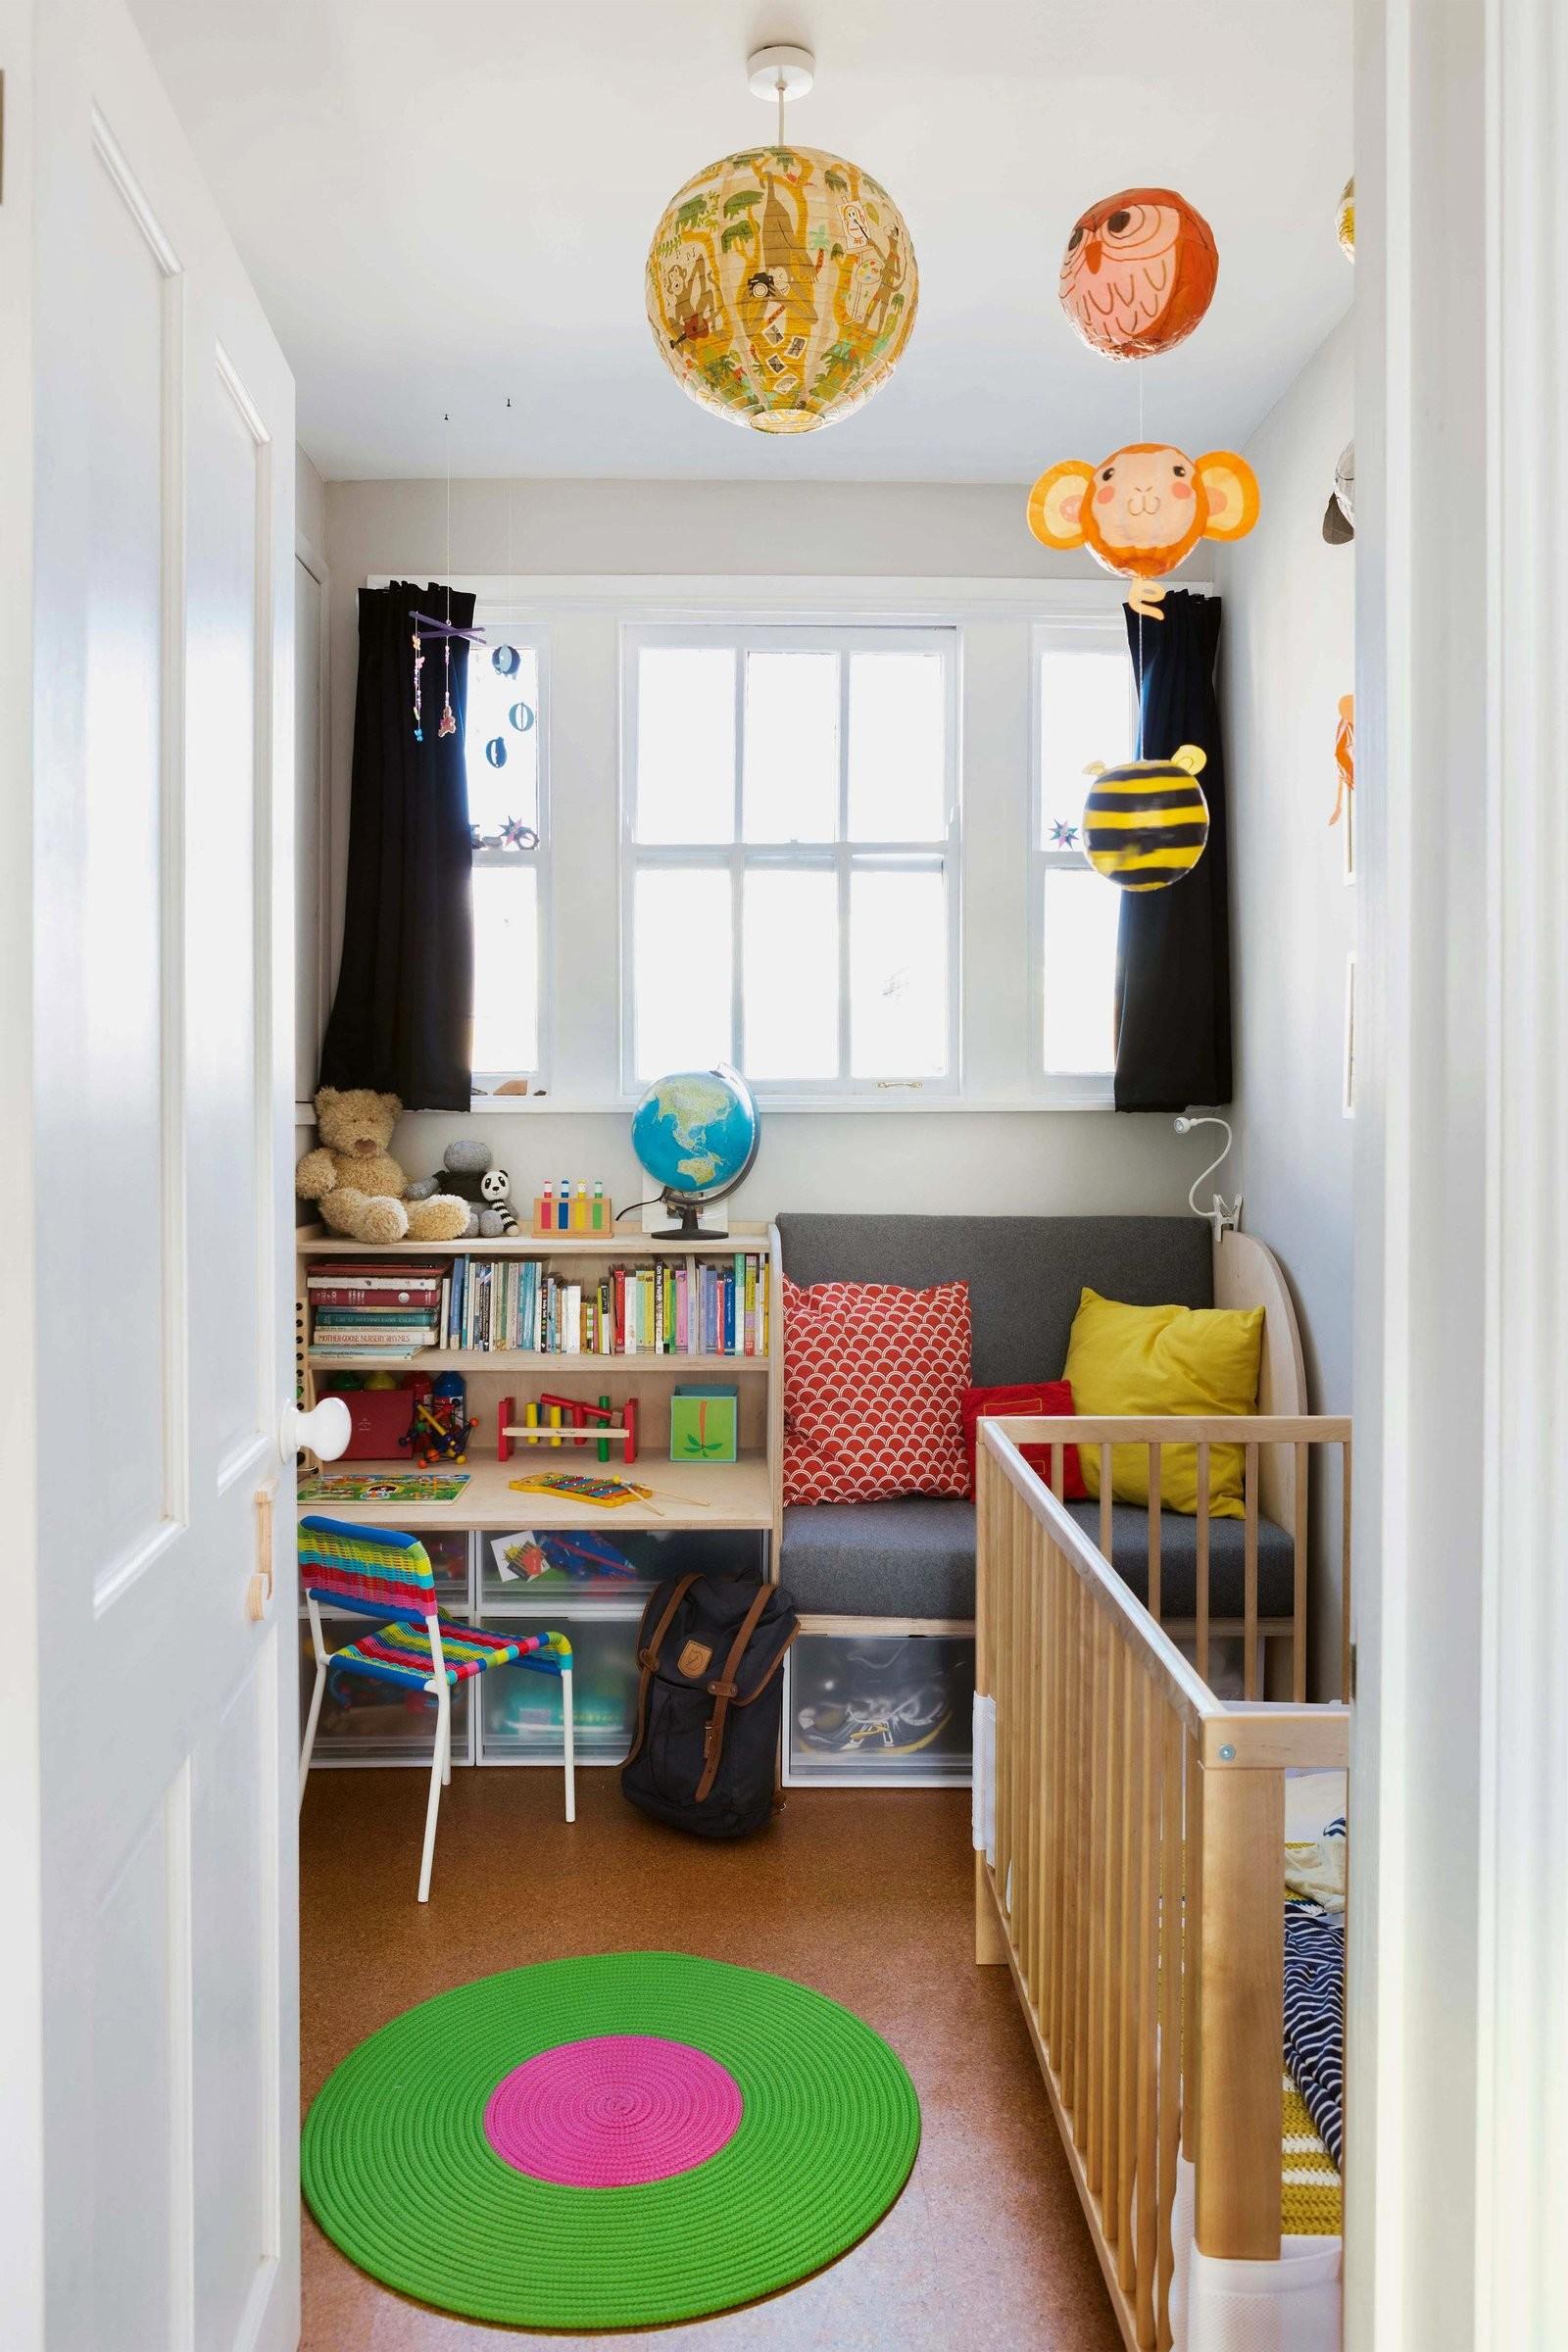 tsveten-i-funktsionalen-interior-za-malak-semeen-apartament-45-m-911g